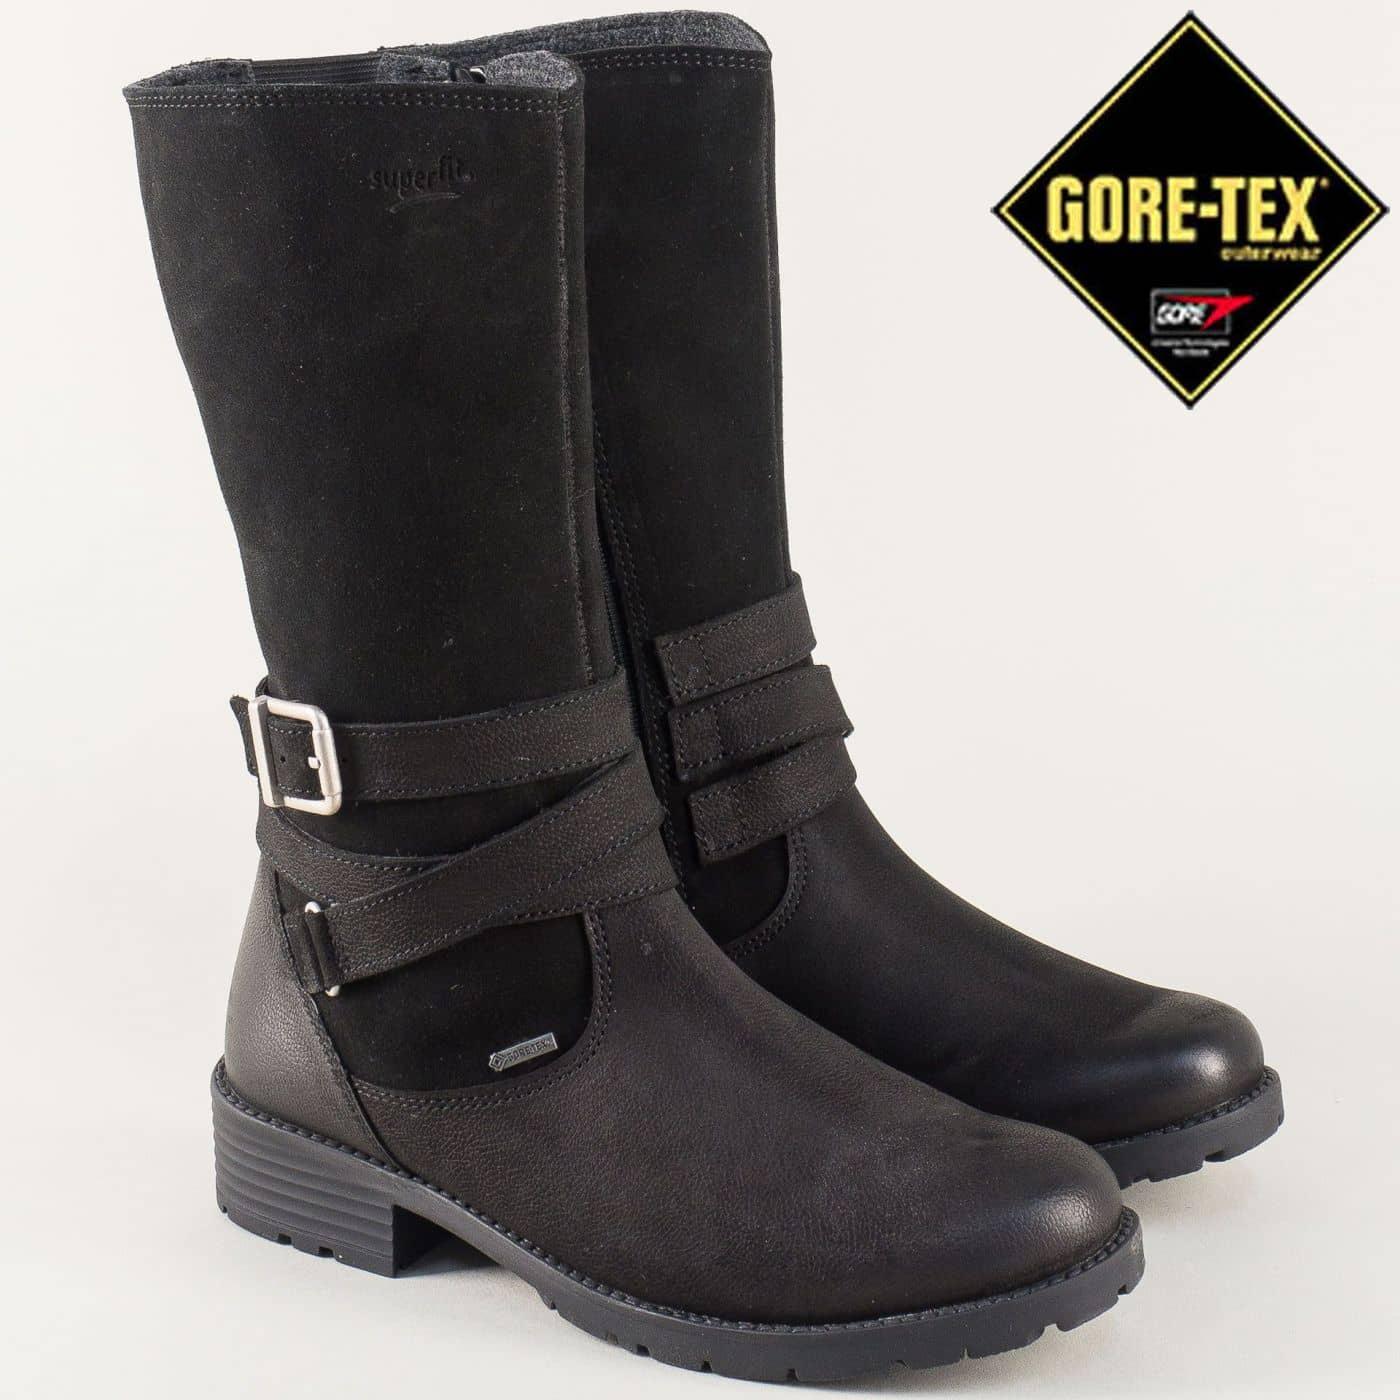 6f98c3ce259 Юношески дамски ботуши от естествен велур и кожа в черен цвят 700186-40ch -  Zebra 1992